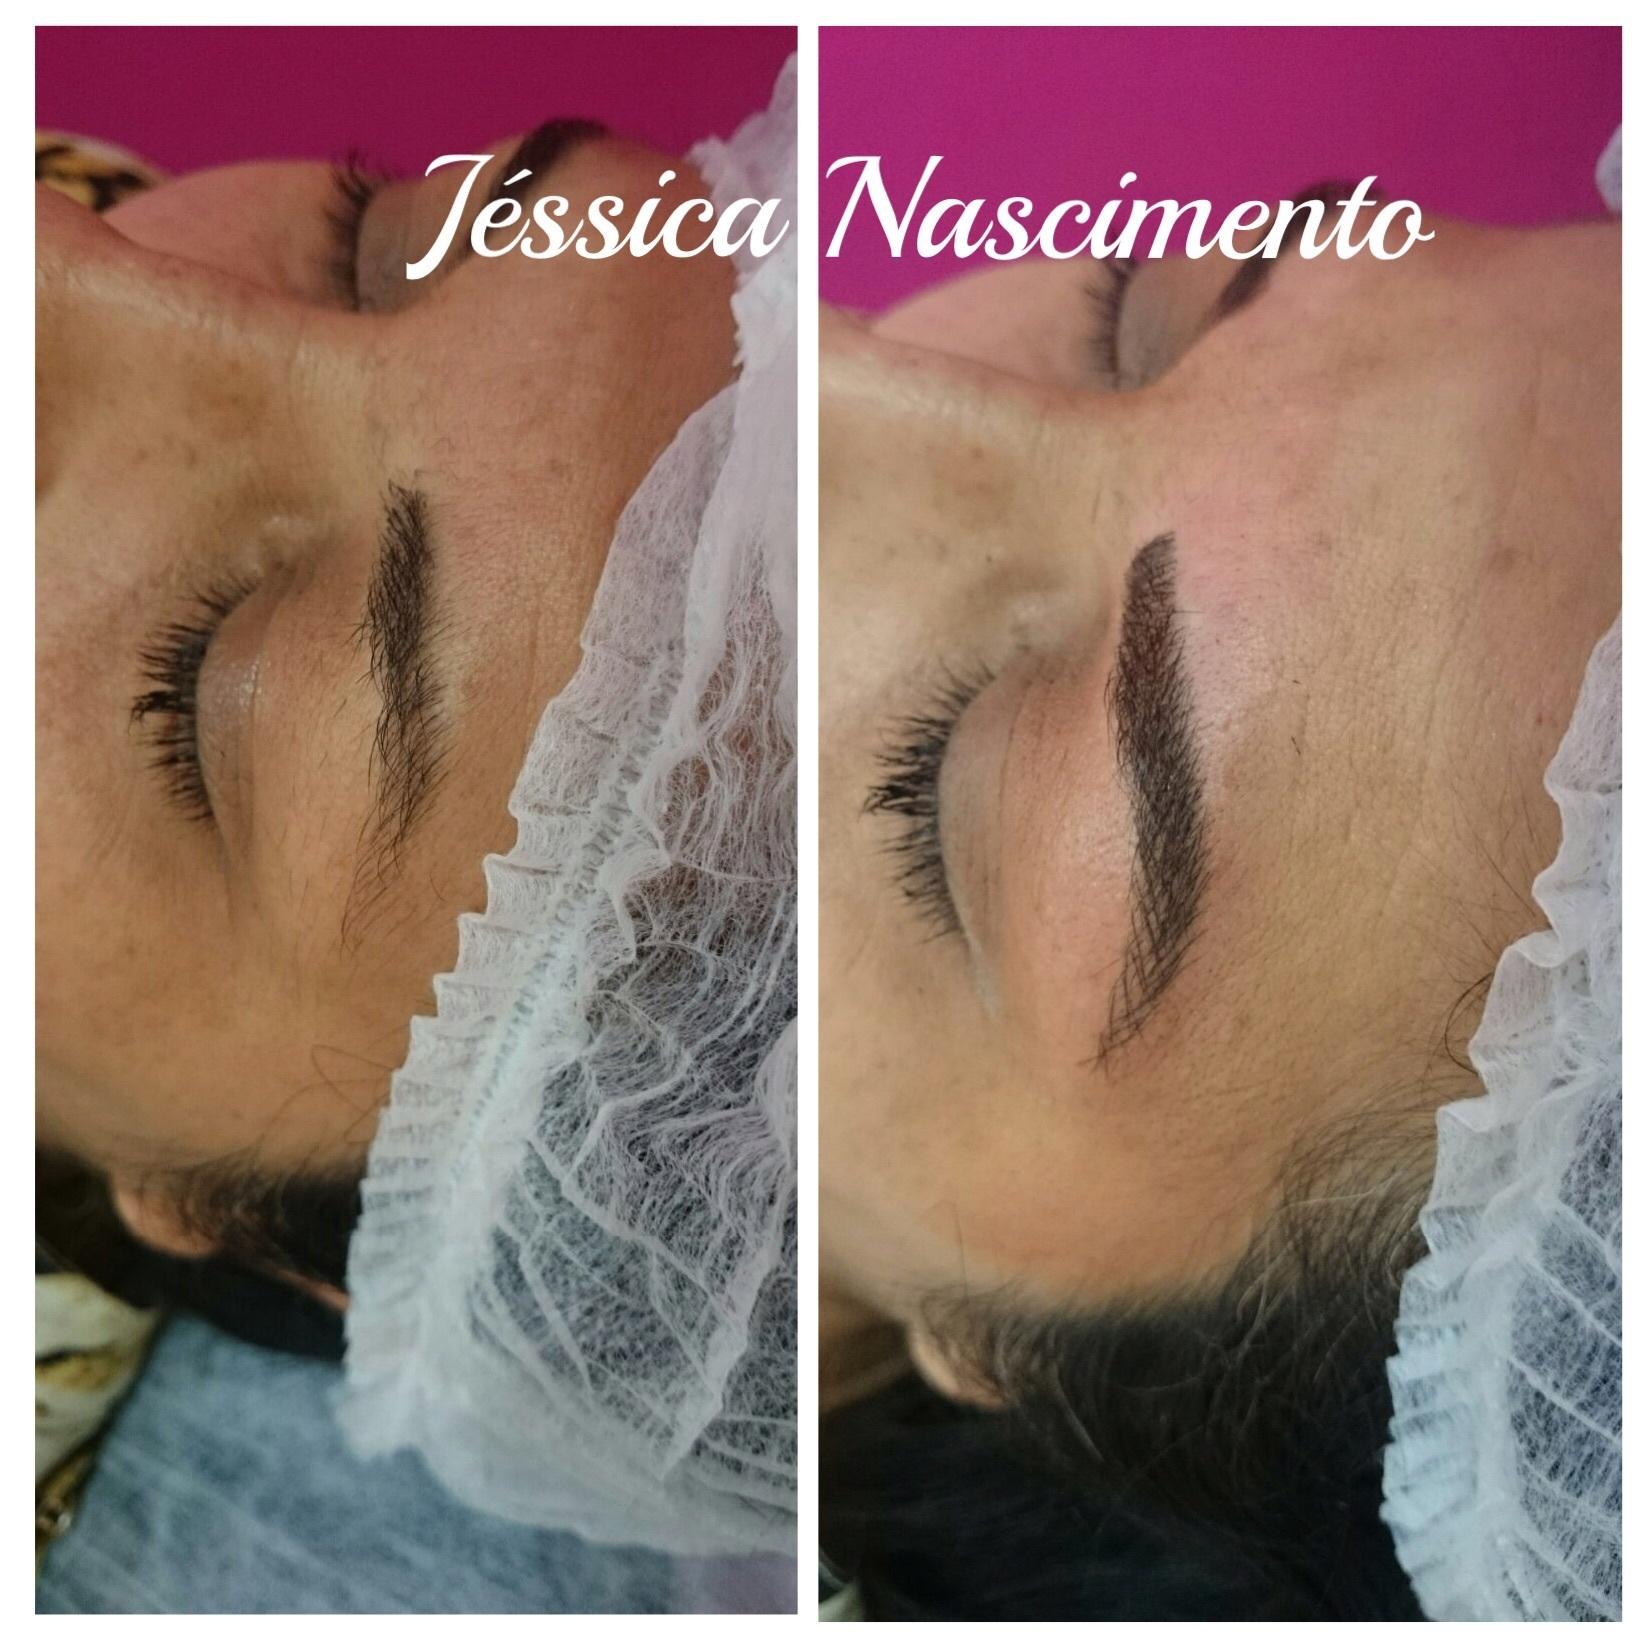 designer de sobrancelhas maquiador(a) dermopigmentador(a)